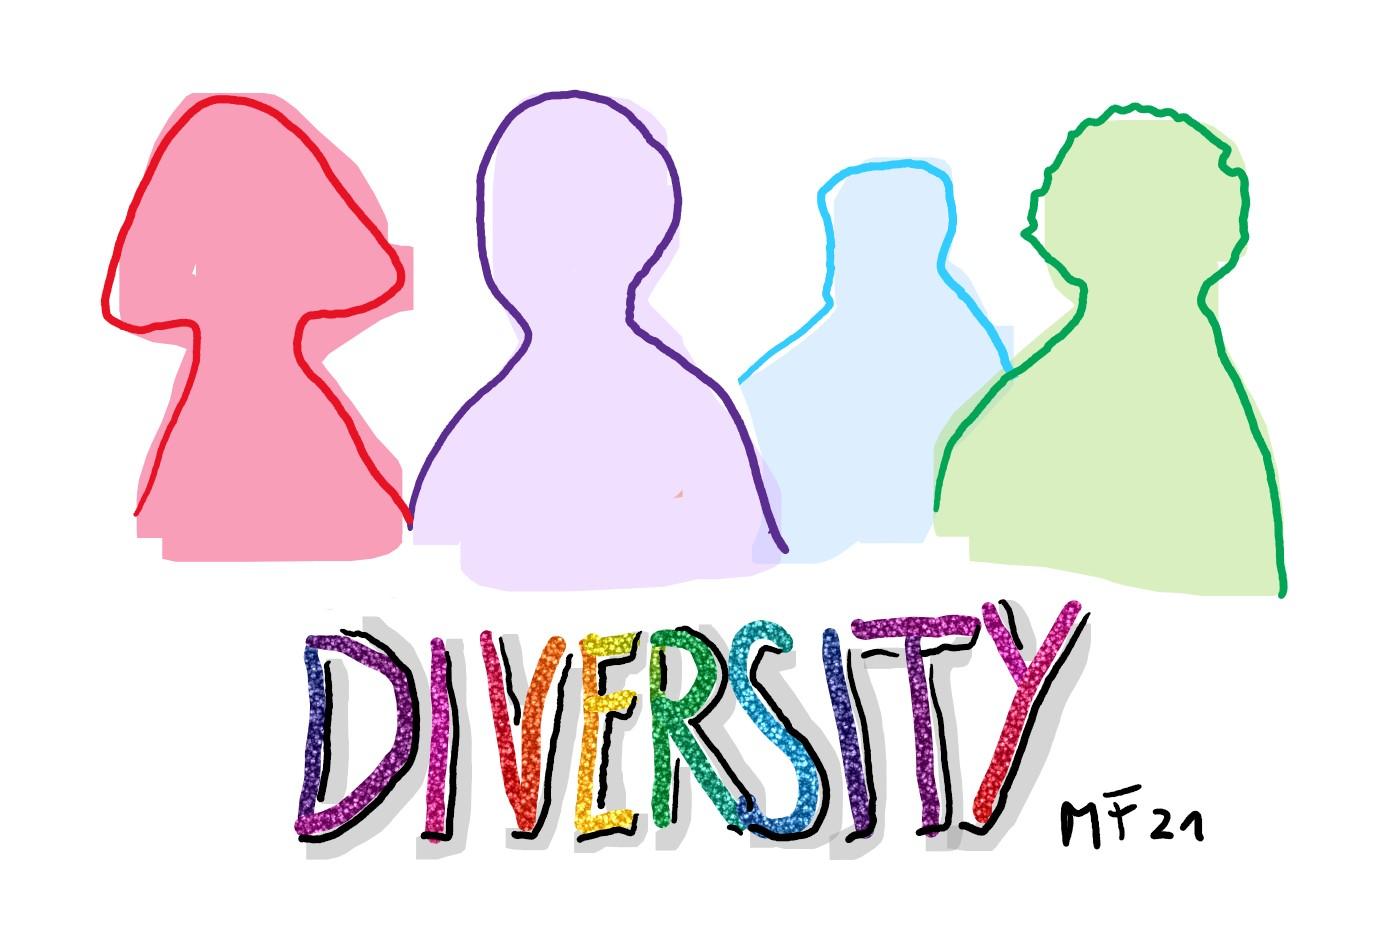 Diverse Project Teams Rock